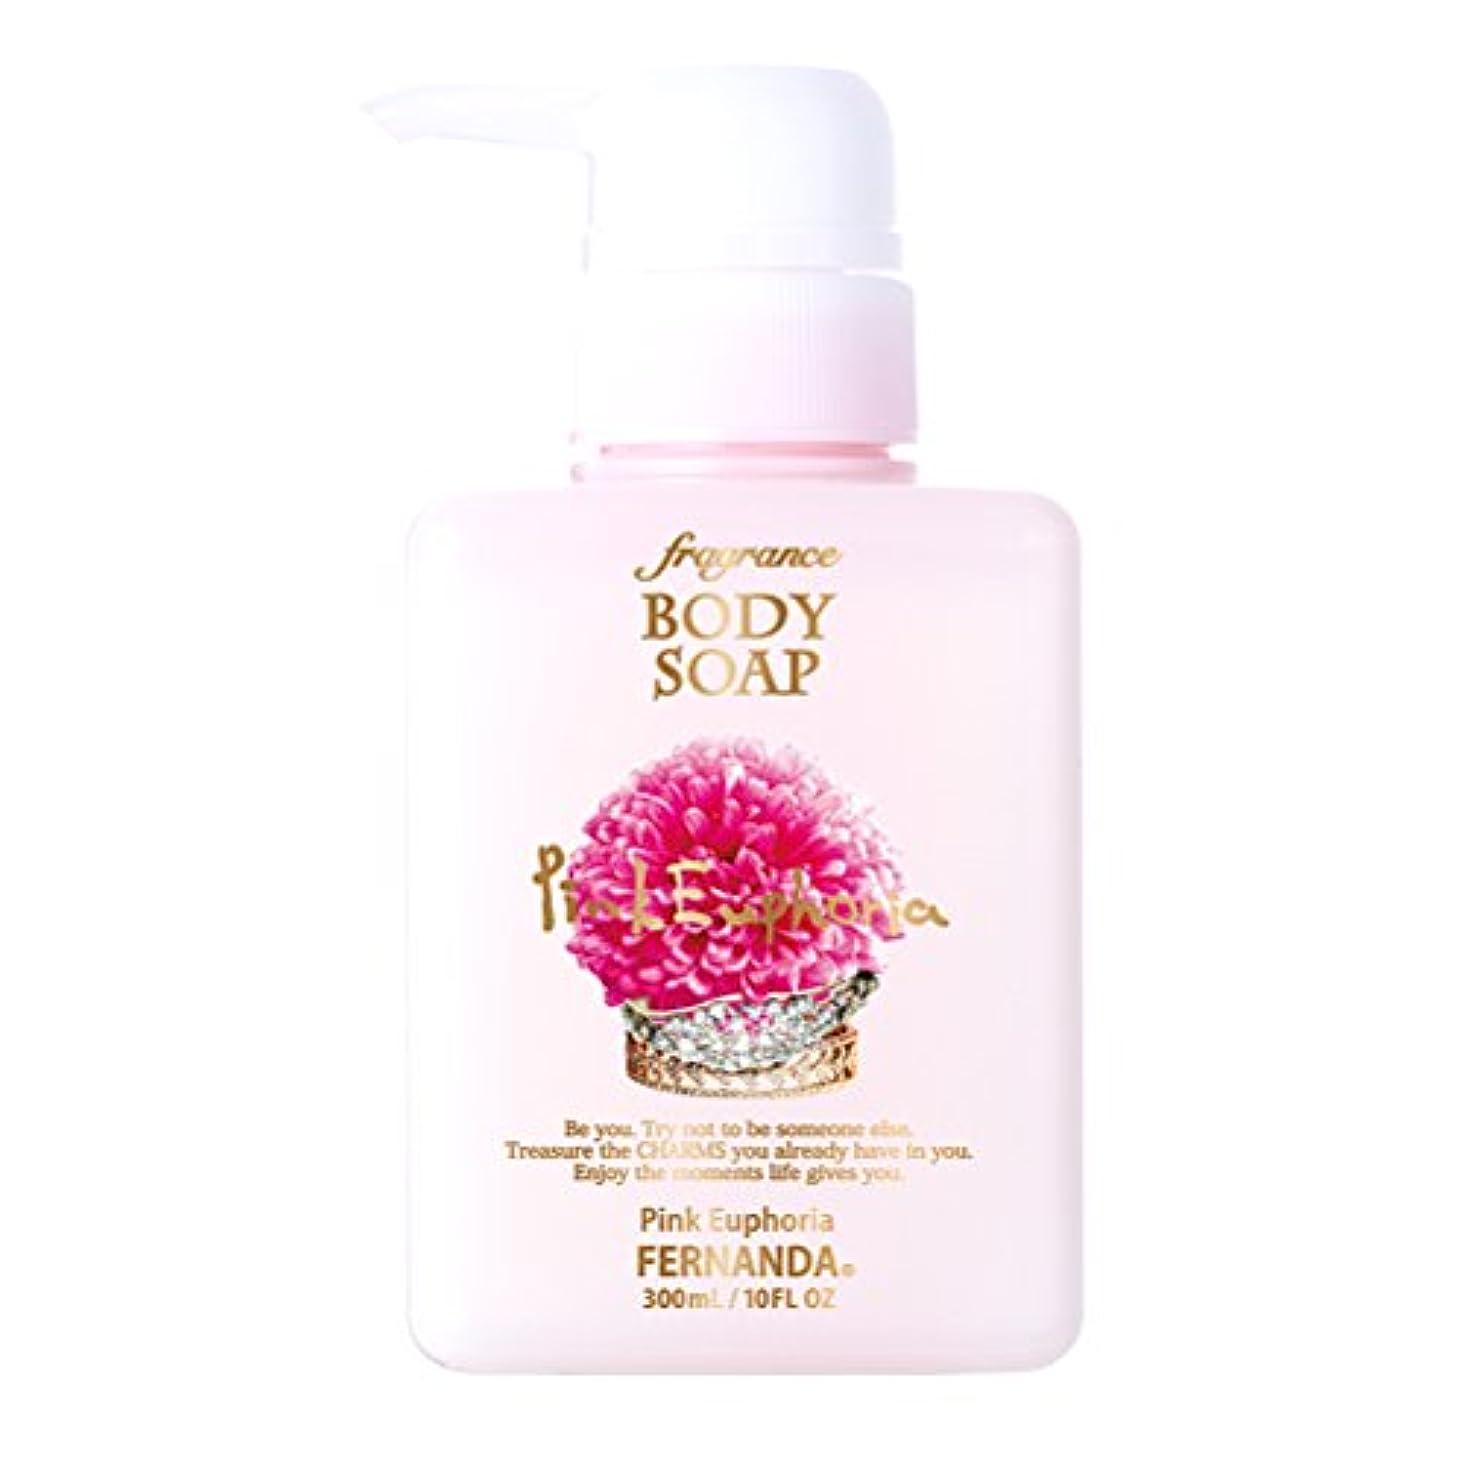 階下レンチ薬を飲むFERNANDA(フェルナンダ) Fragrance Body Soap Pink Euphoria (ボディソープ ピンクエウフォリア)